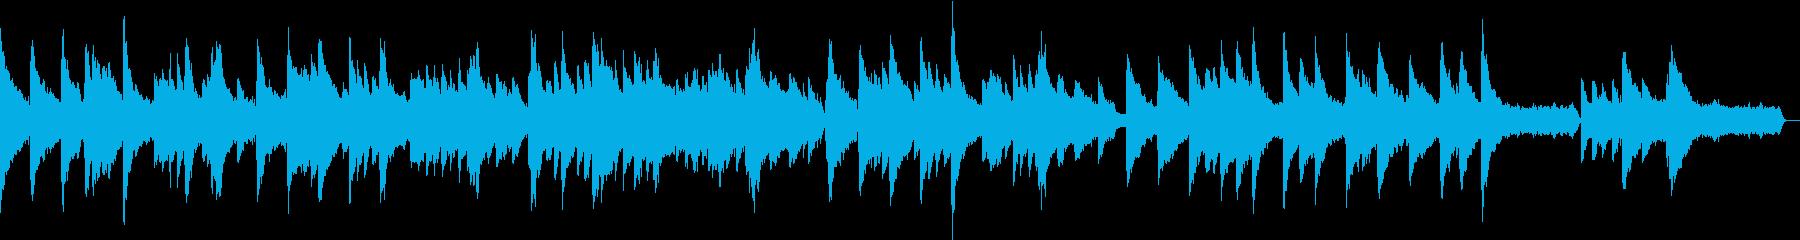 ピアノとストリングスのゆったりした曲の再生済みの波形